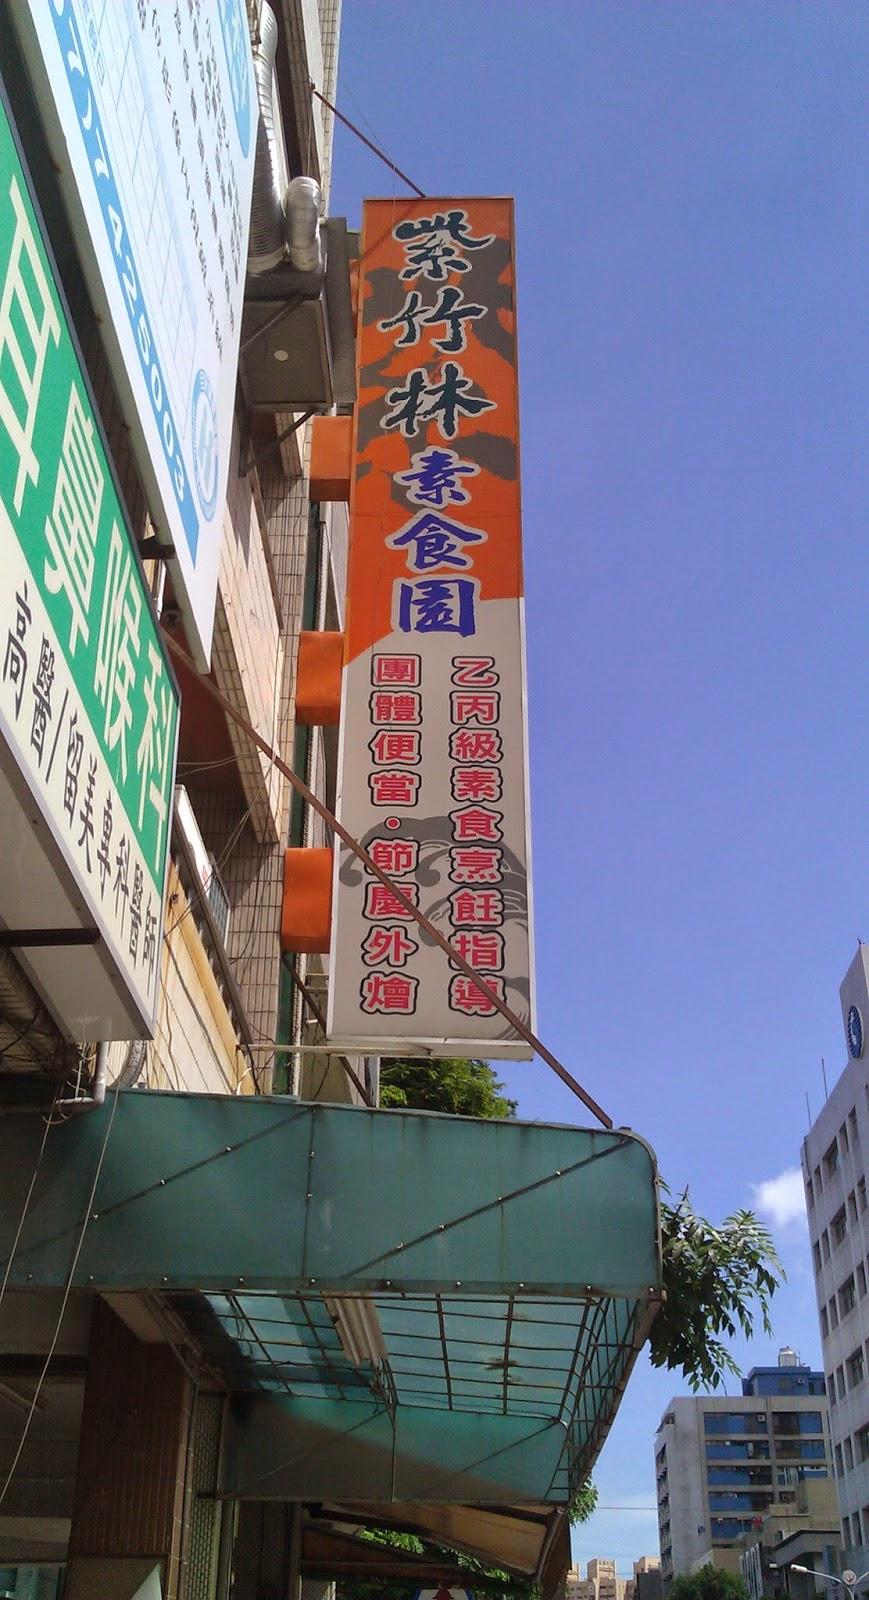 高雄市鳳山區素食餐廳: 紫竹林素食館